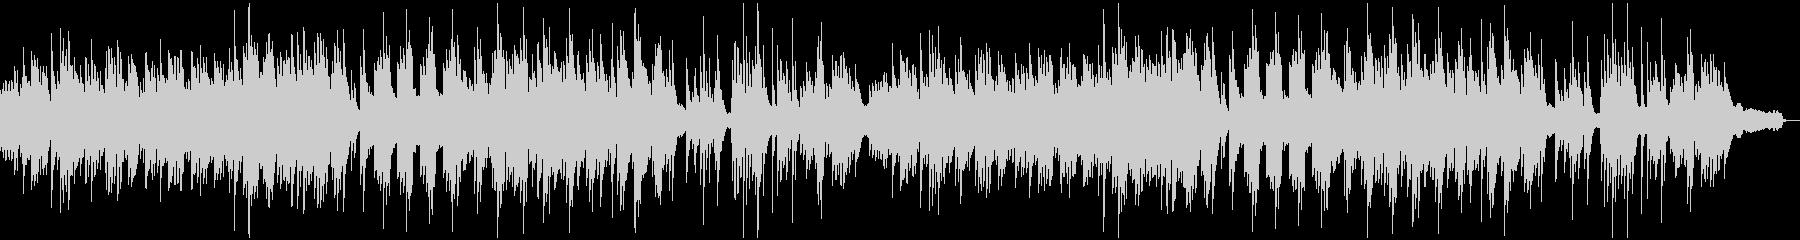 やさしいゆったりとした3拍子のピアノソロの未再生の波形